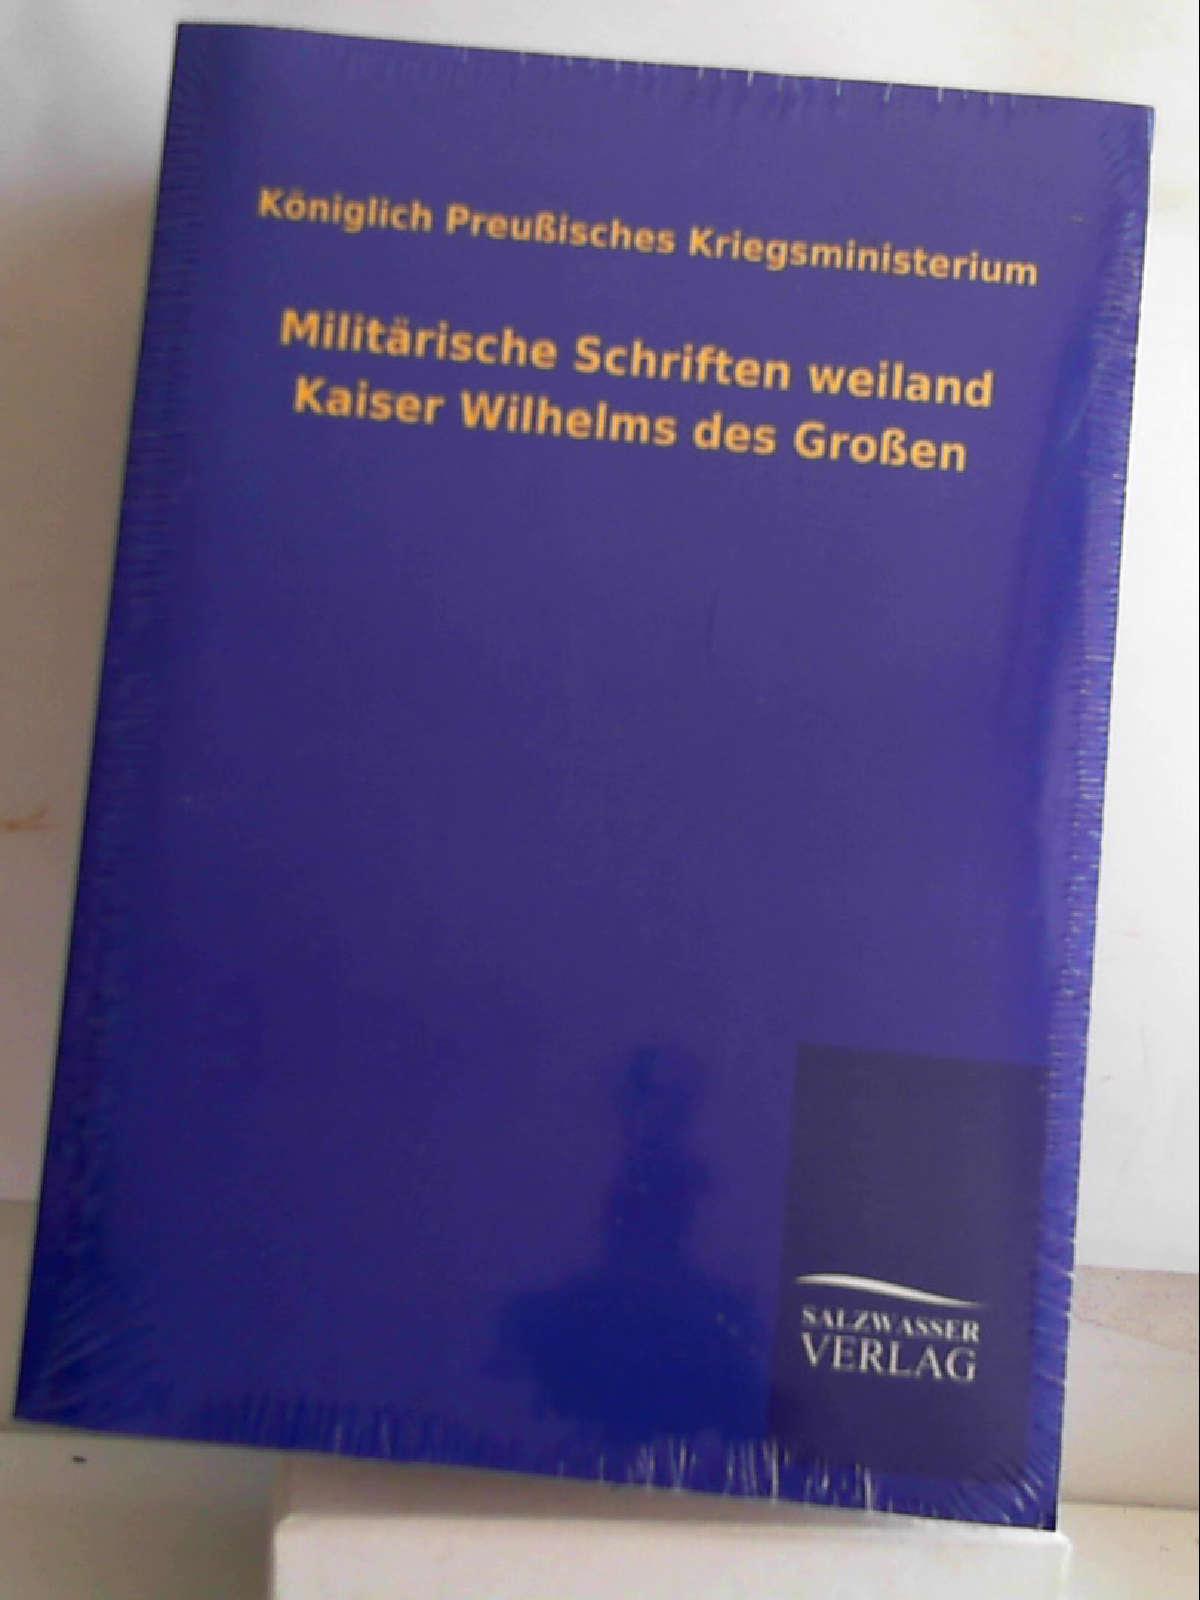 Militärische Schriften weiland Kaiser Wilhelms des Großen: Königlich Preußisches Kriegsministerium